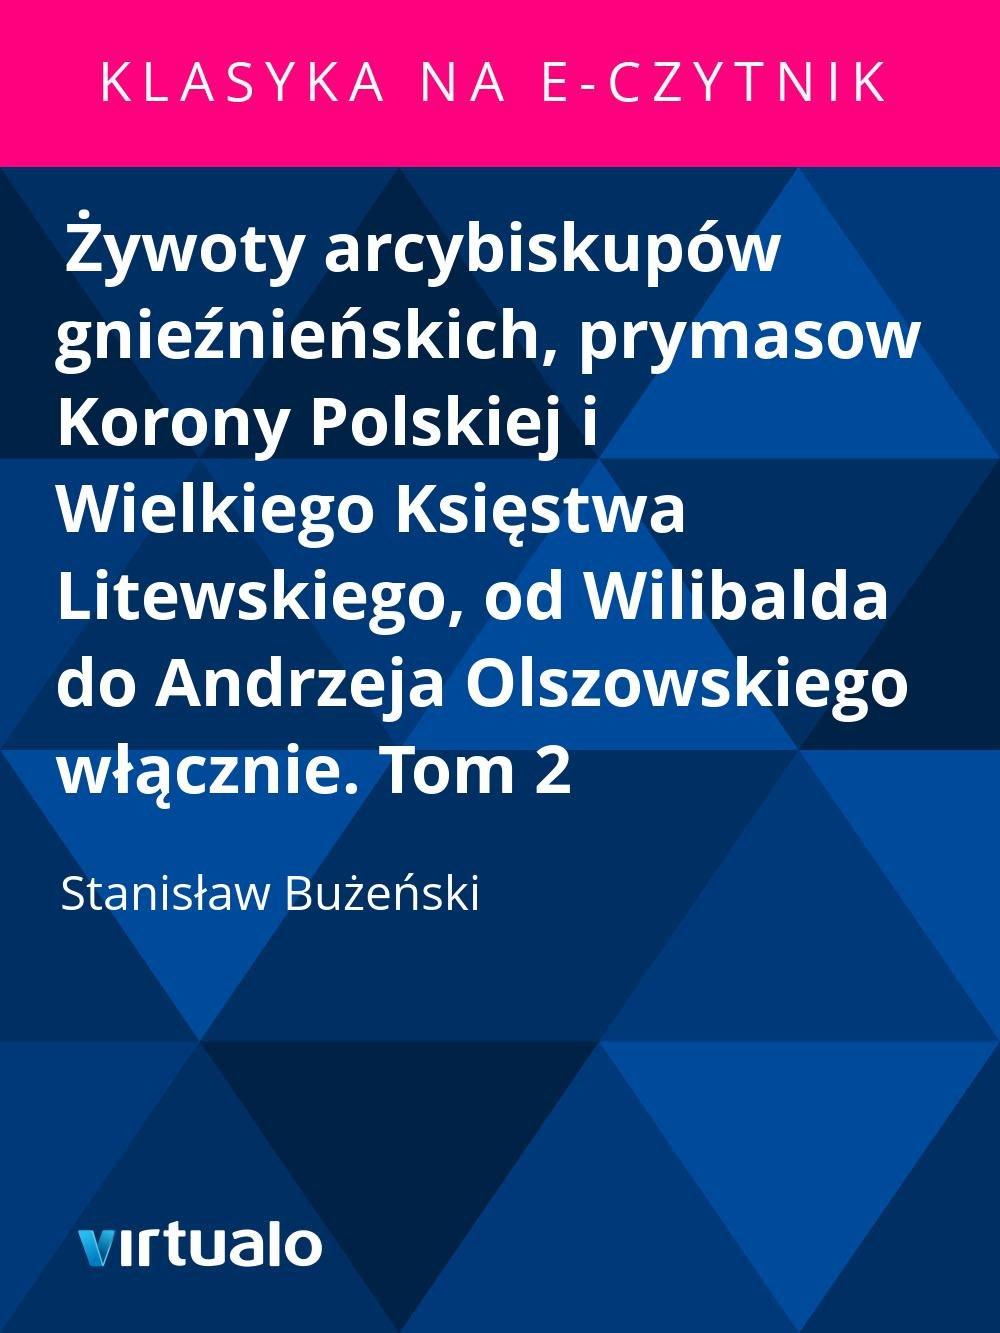 Żywoty arcybiskupów gnieźnieńskich, prymasow Korony Polskiej i Wielkiego Księstwa Litewskiego, od Wilibalda do Andrzeja Olszowskiego włącznie. Tom 2 - Ebook (Książka EPUB) do pobrania w formacie EPUB